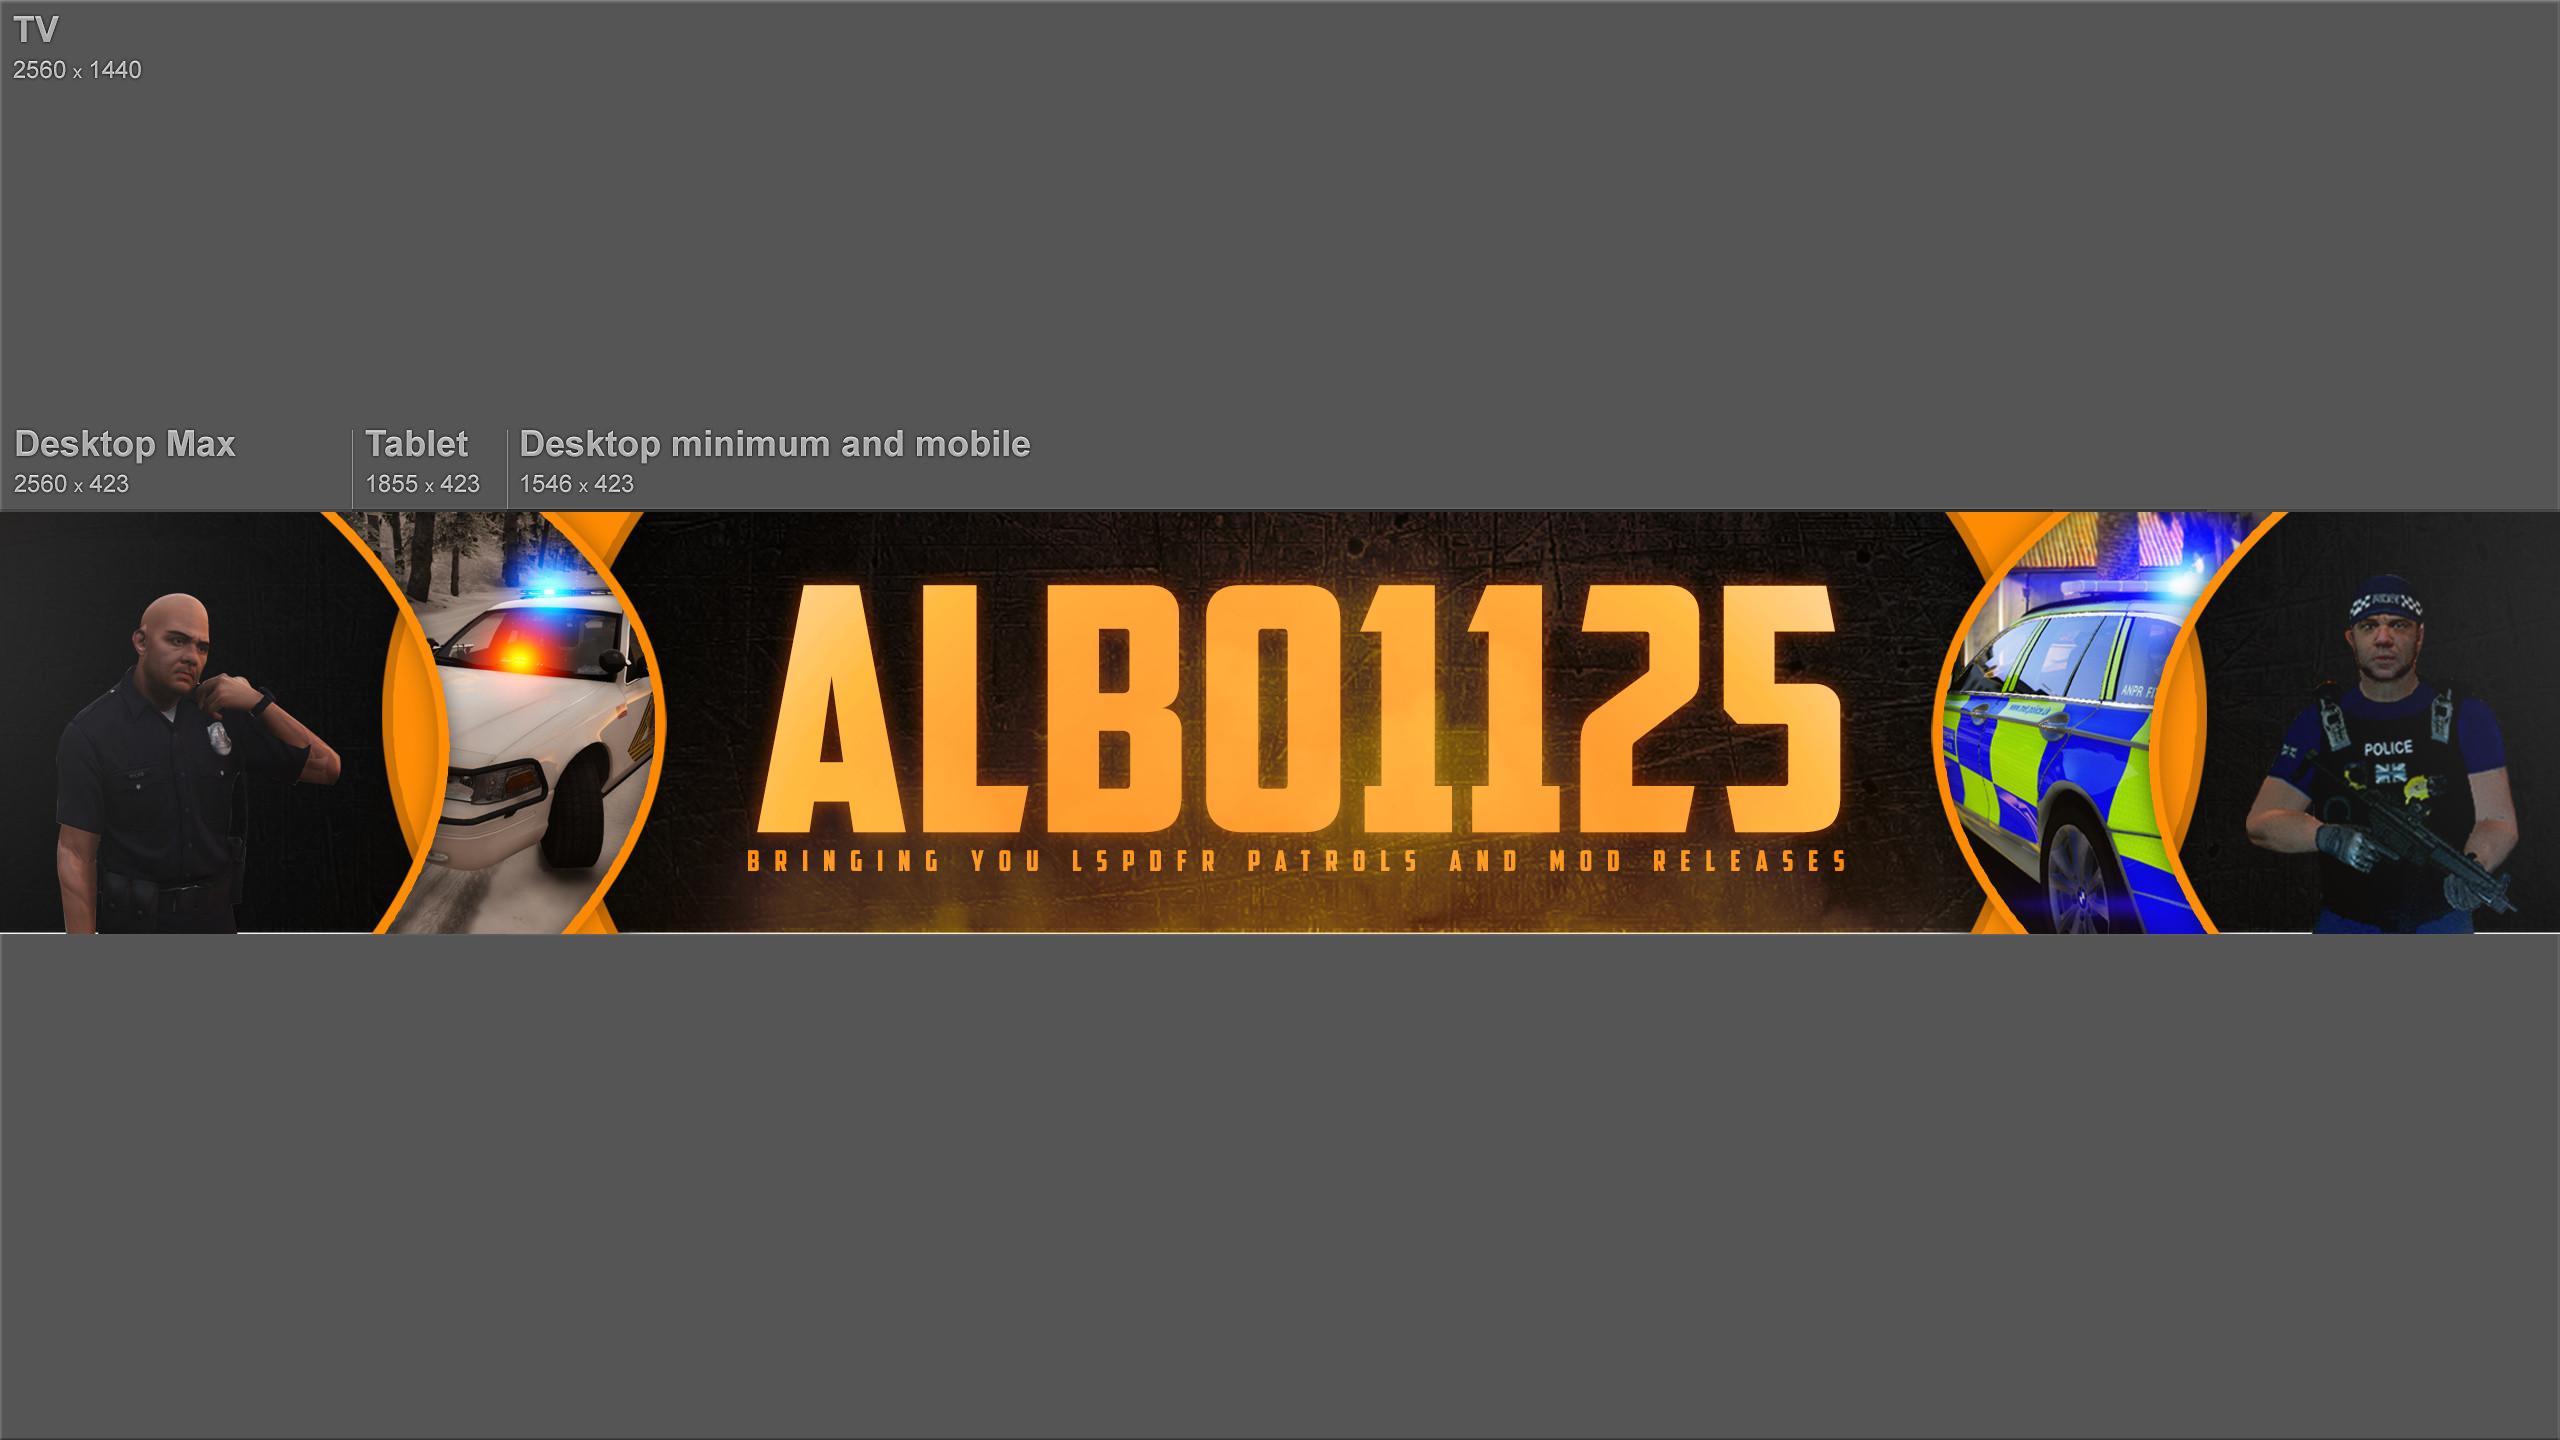 Albo1125